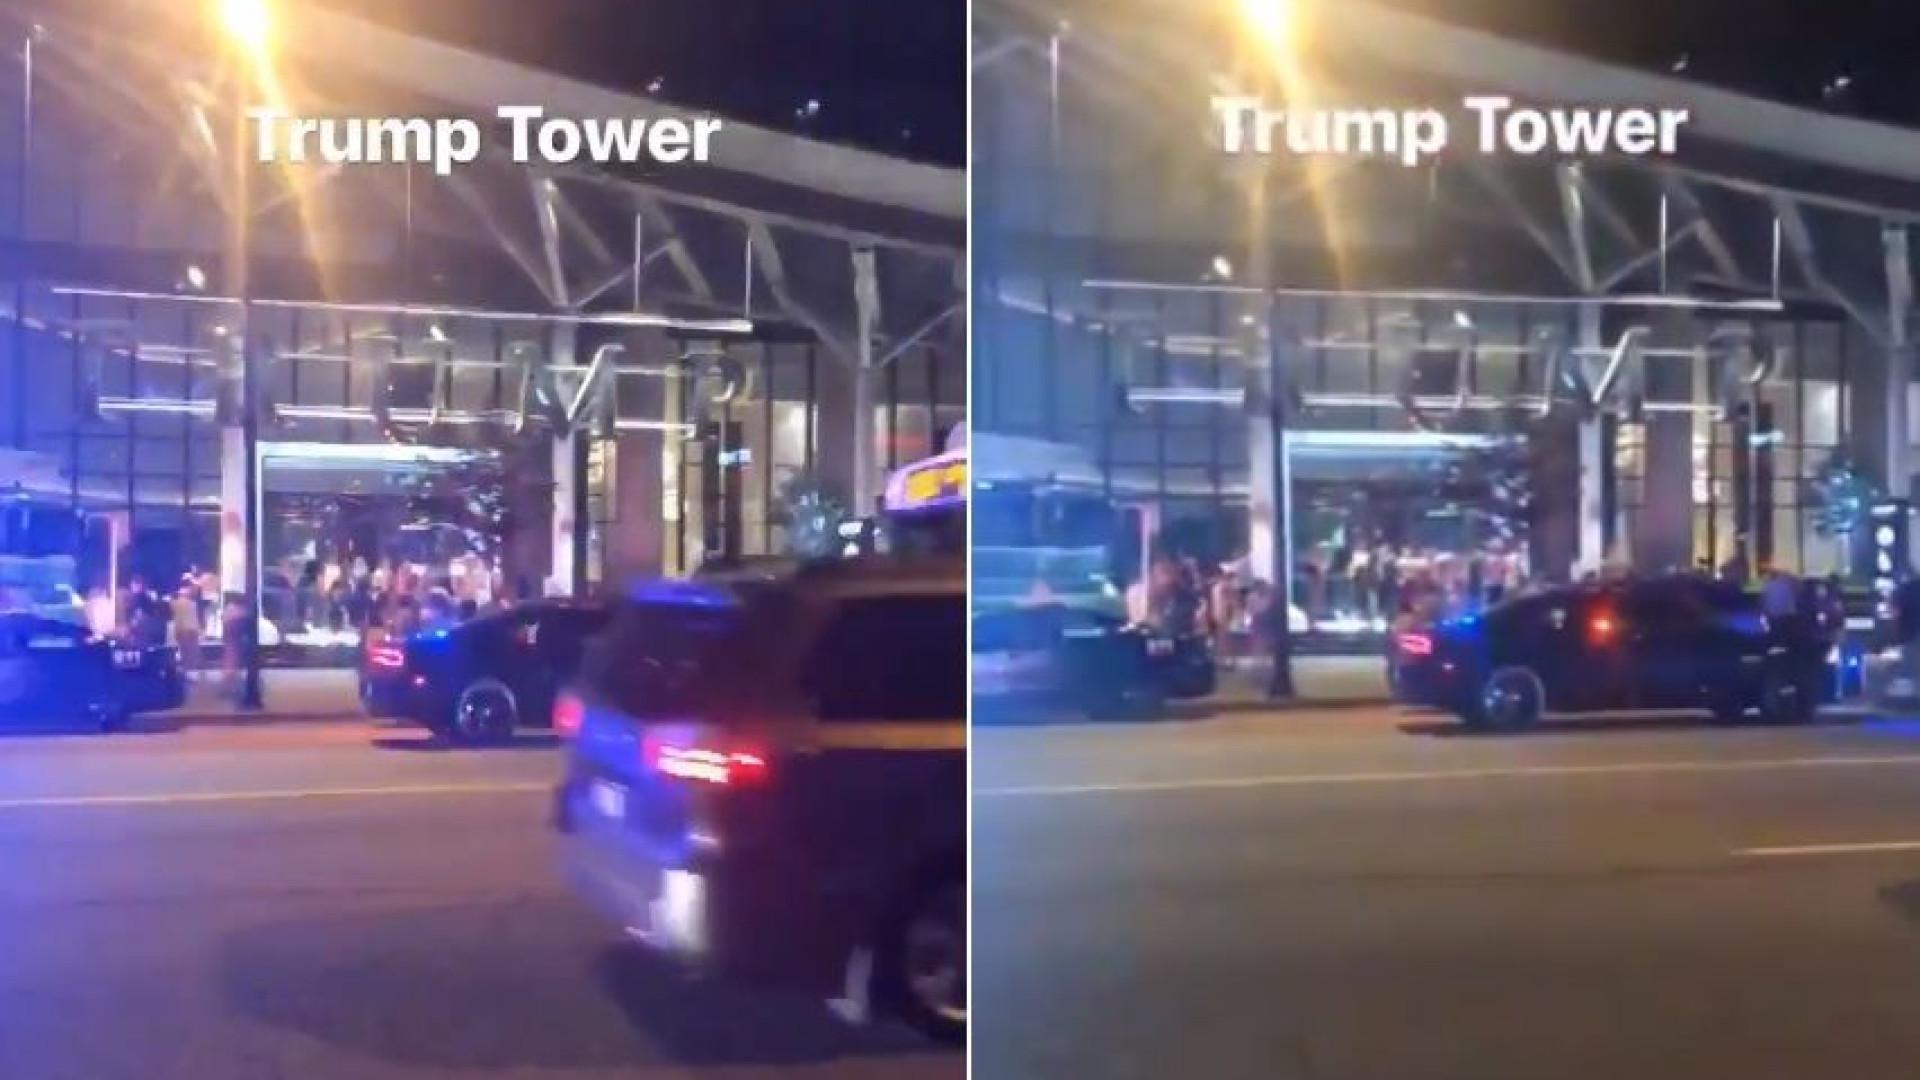 Trump Tower evacuada no Canadá. Dezenas de polícias no local